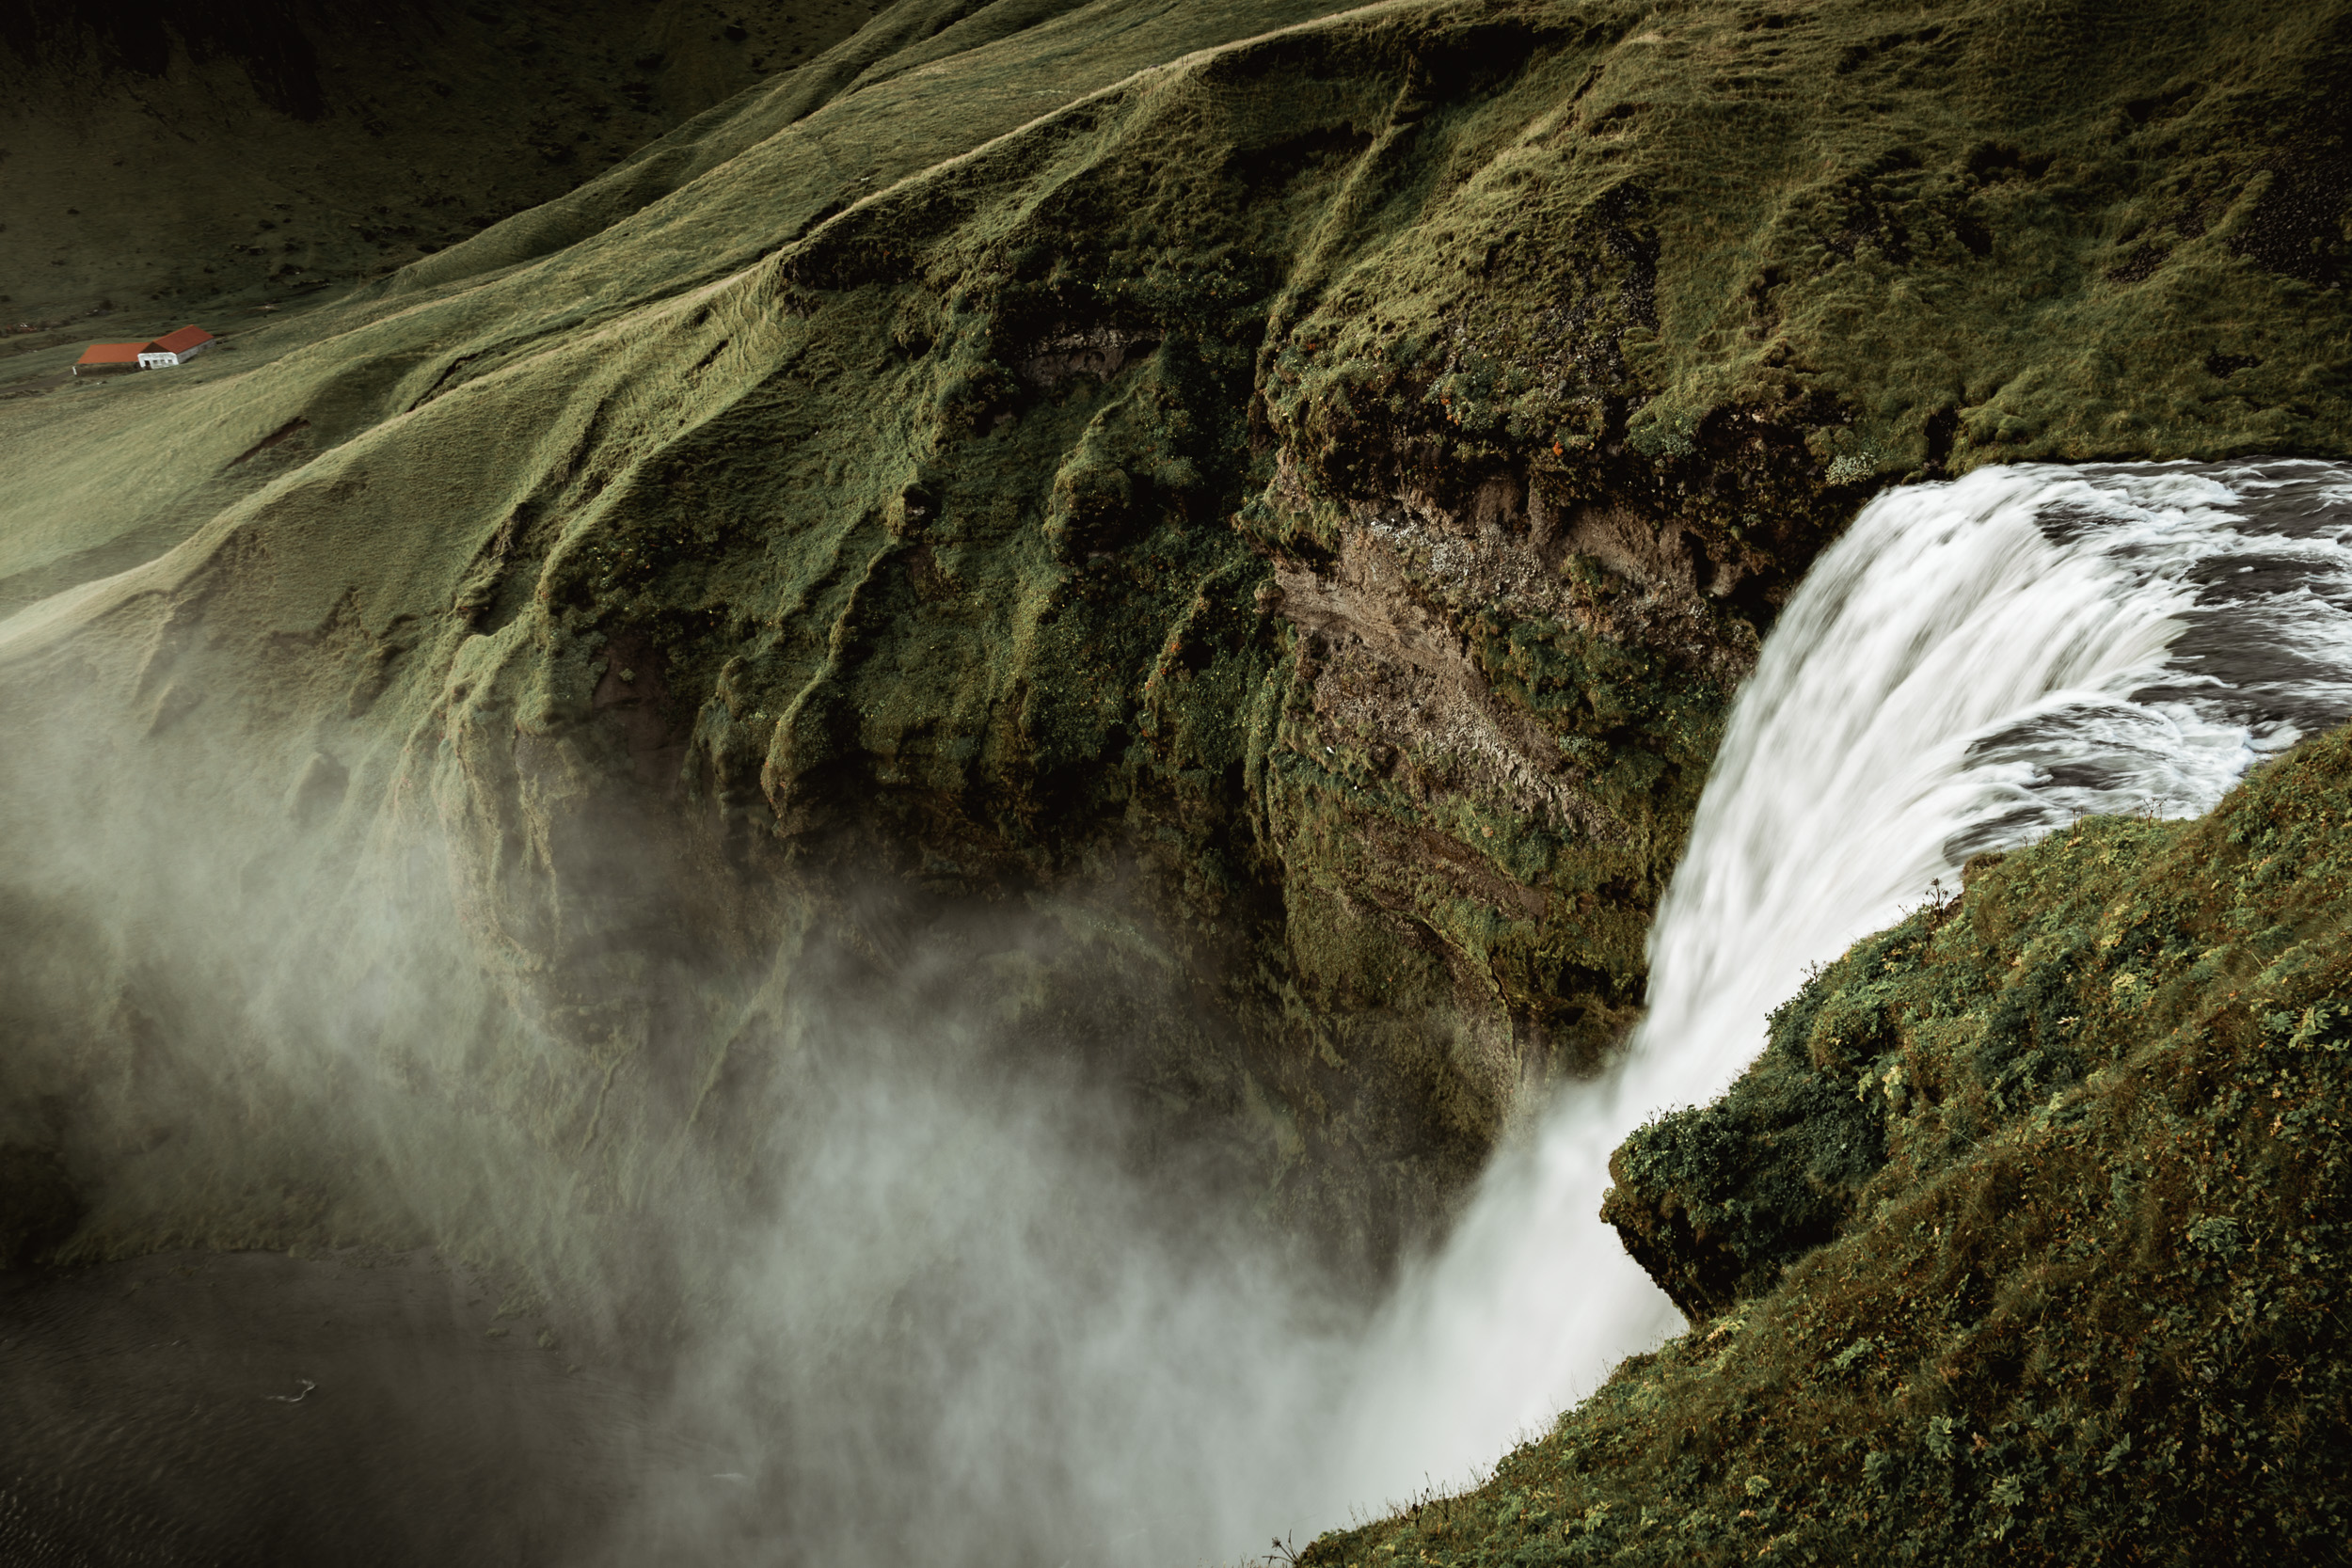 19-iceland-skogafoss-waterfall-anna-elina-lahti-photographer.jpg